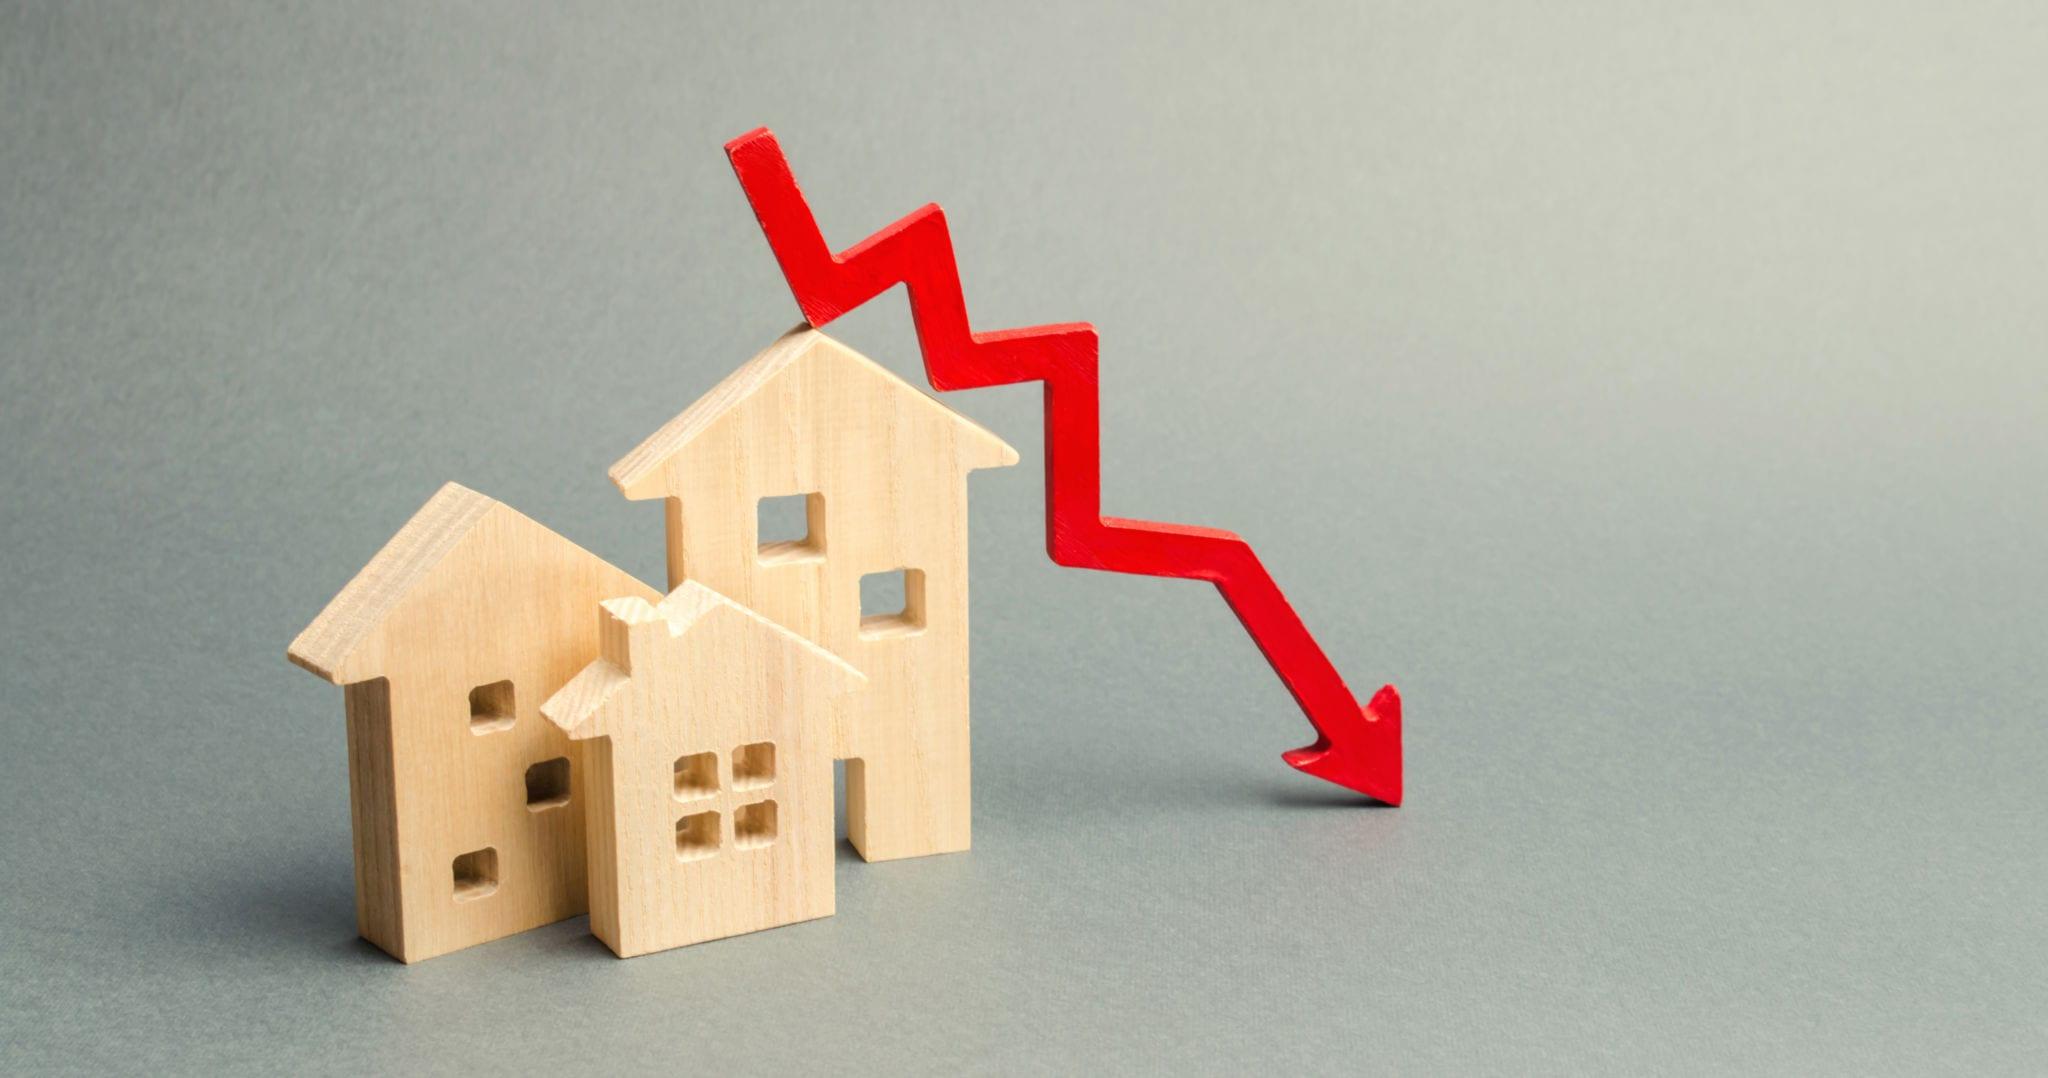 Taux hypothécaire : le moment idéal pour acheter